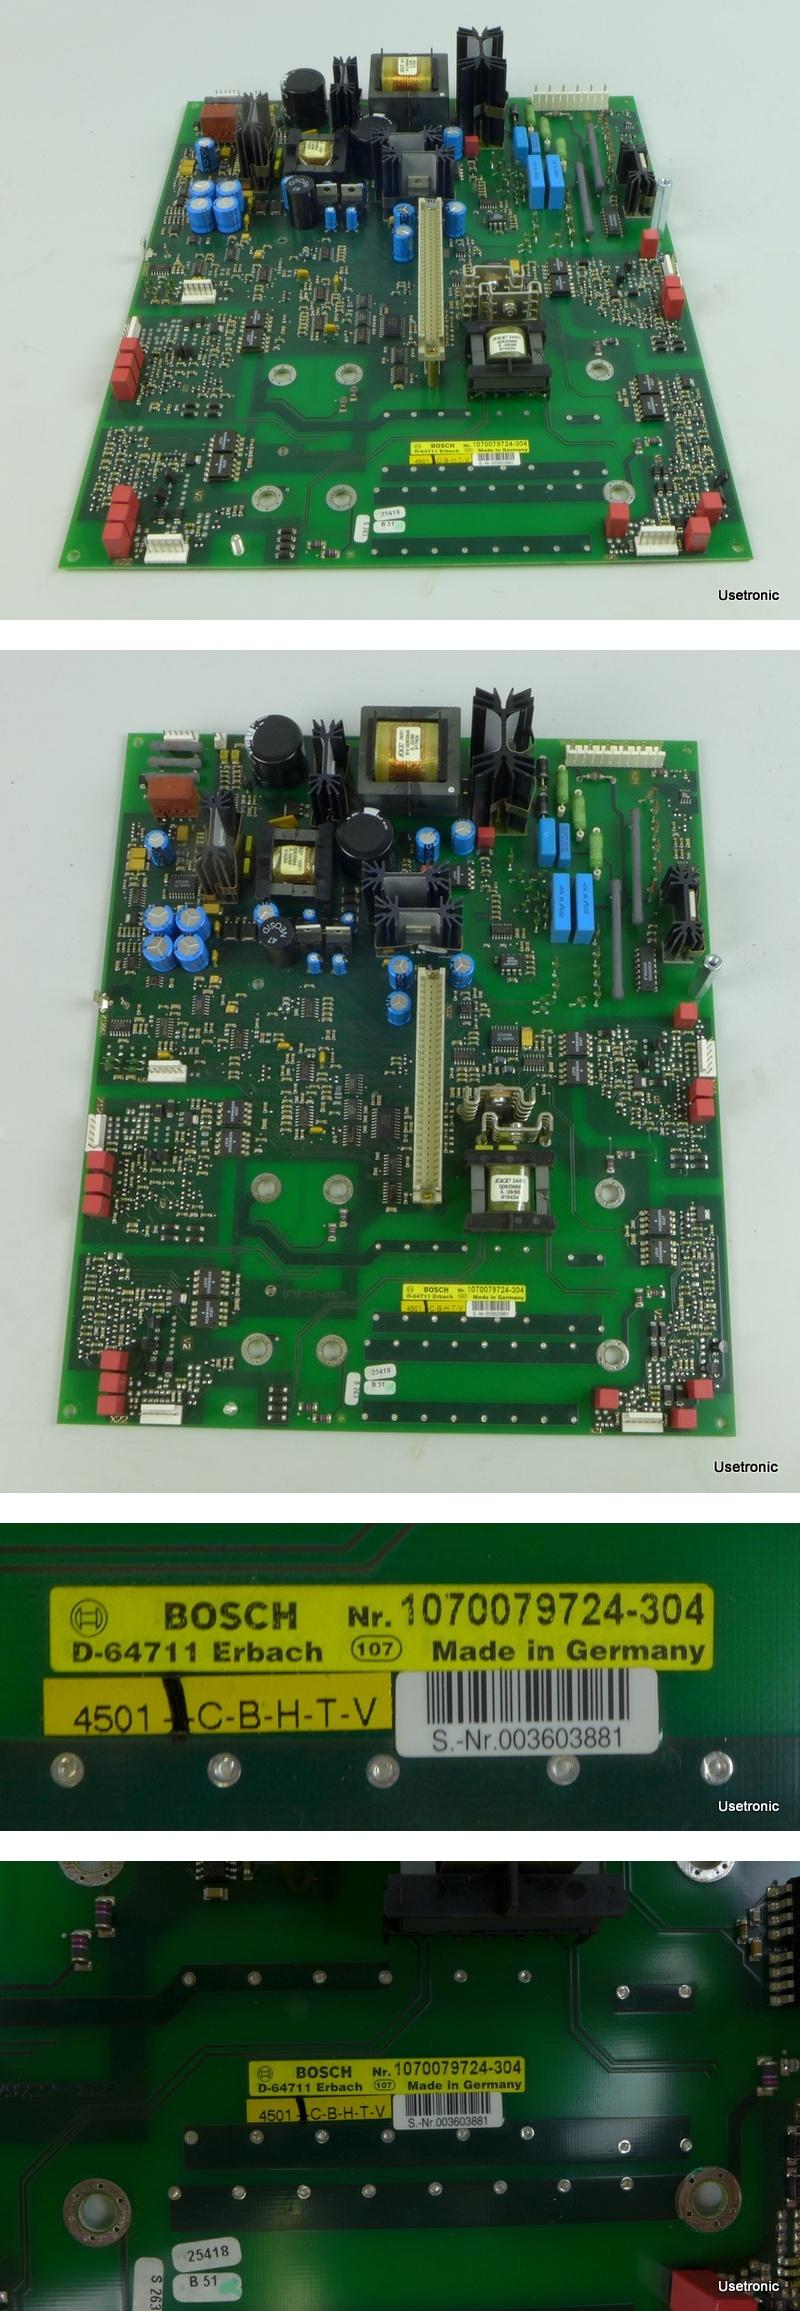 Bosch 1070079724-304